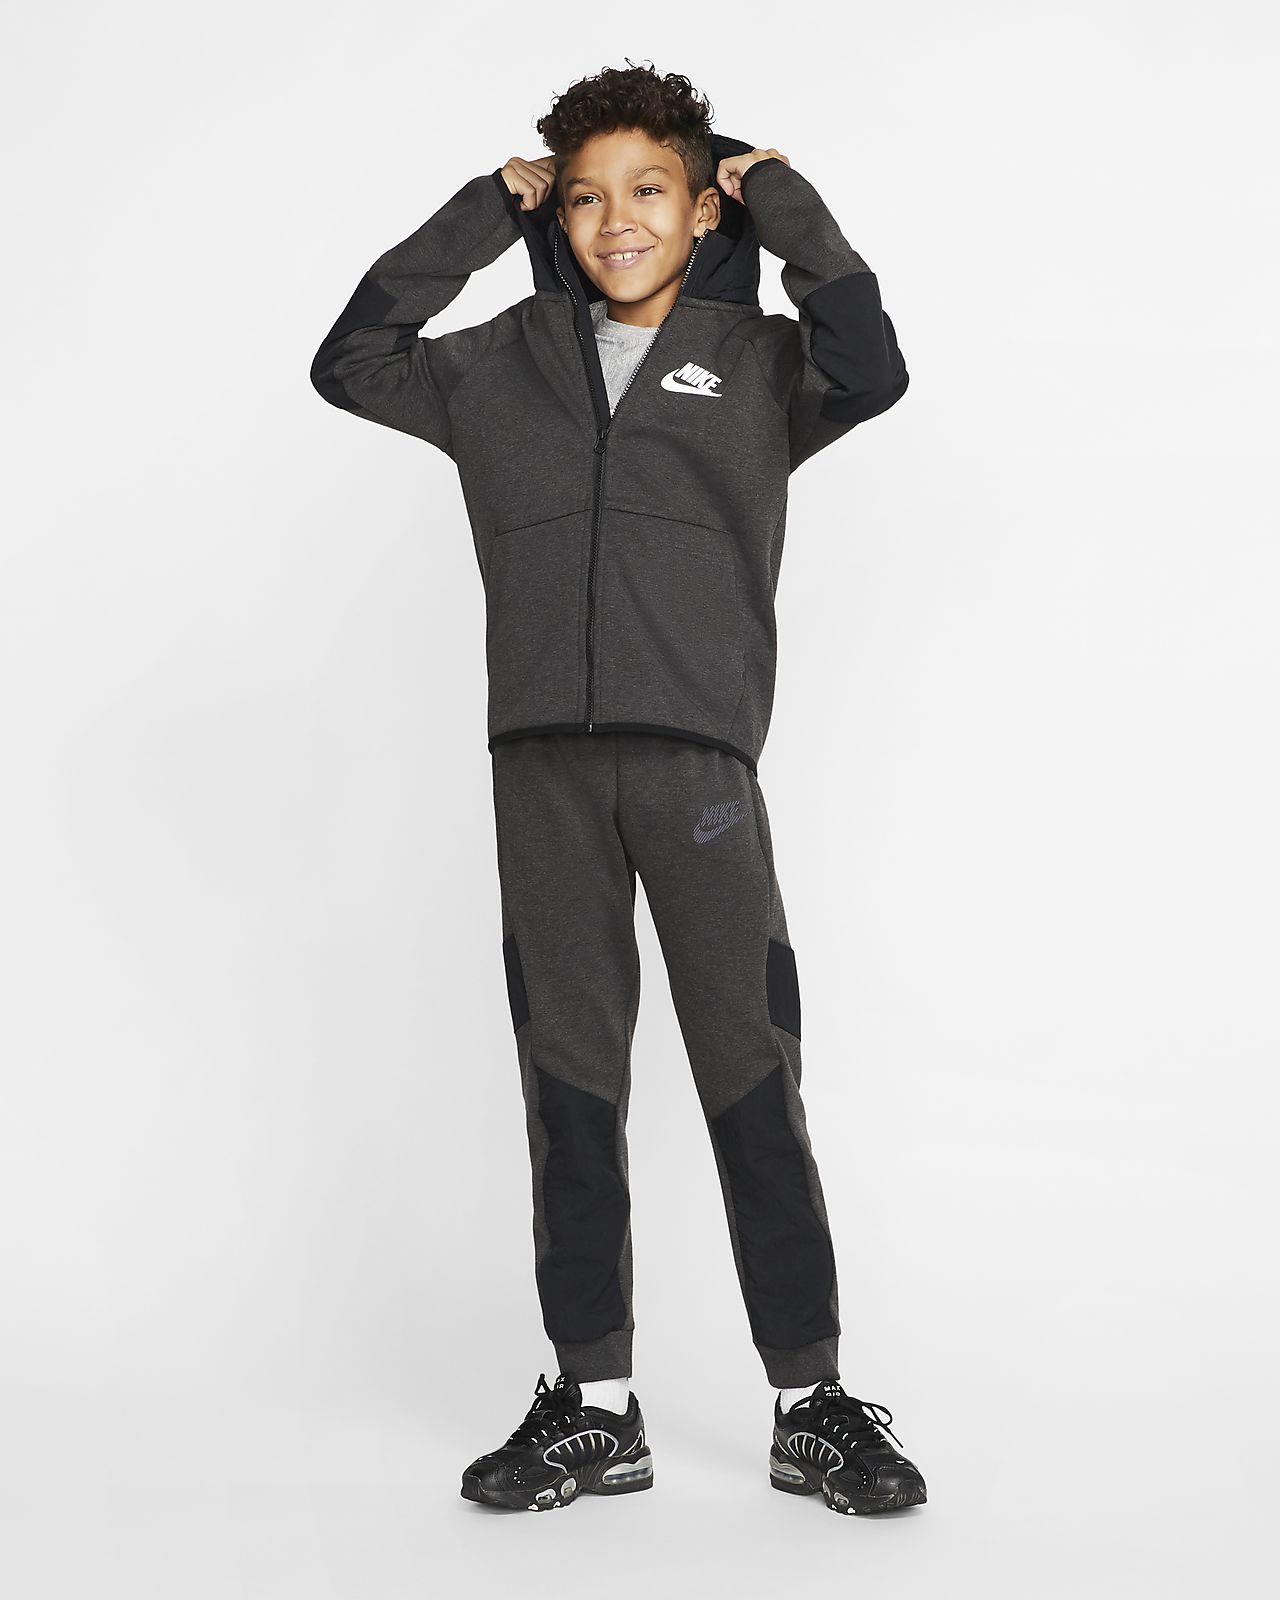 Nike Sportswear Winterized Tech Fleece Big Kids' Full Zip Hoodie